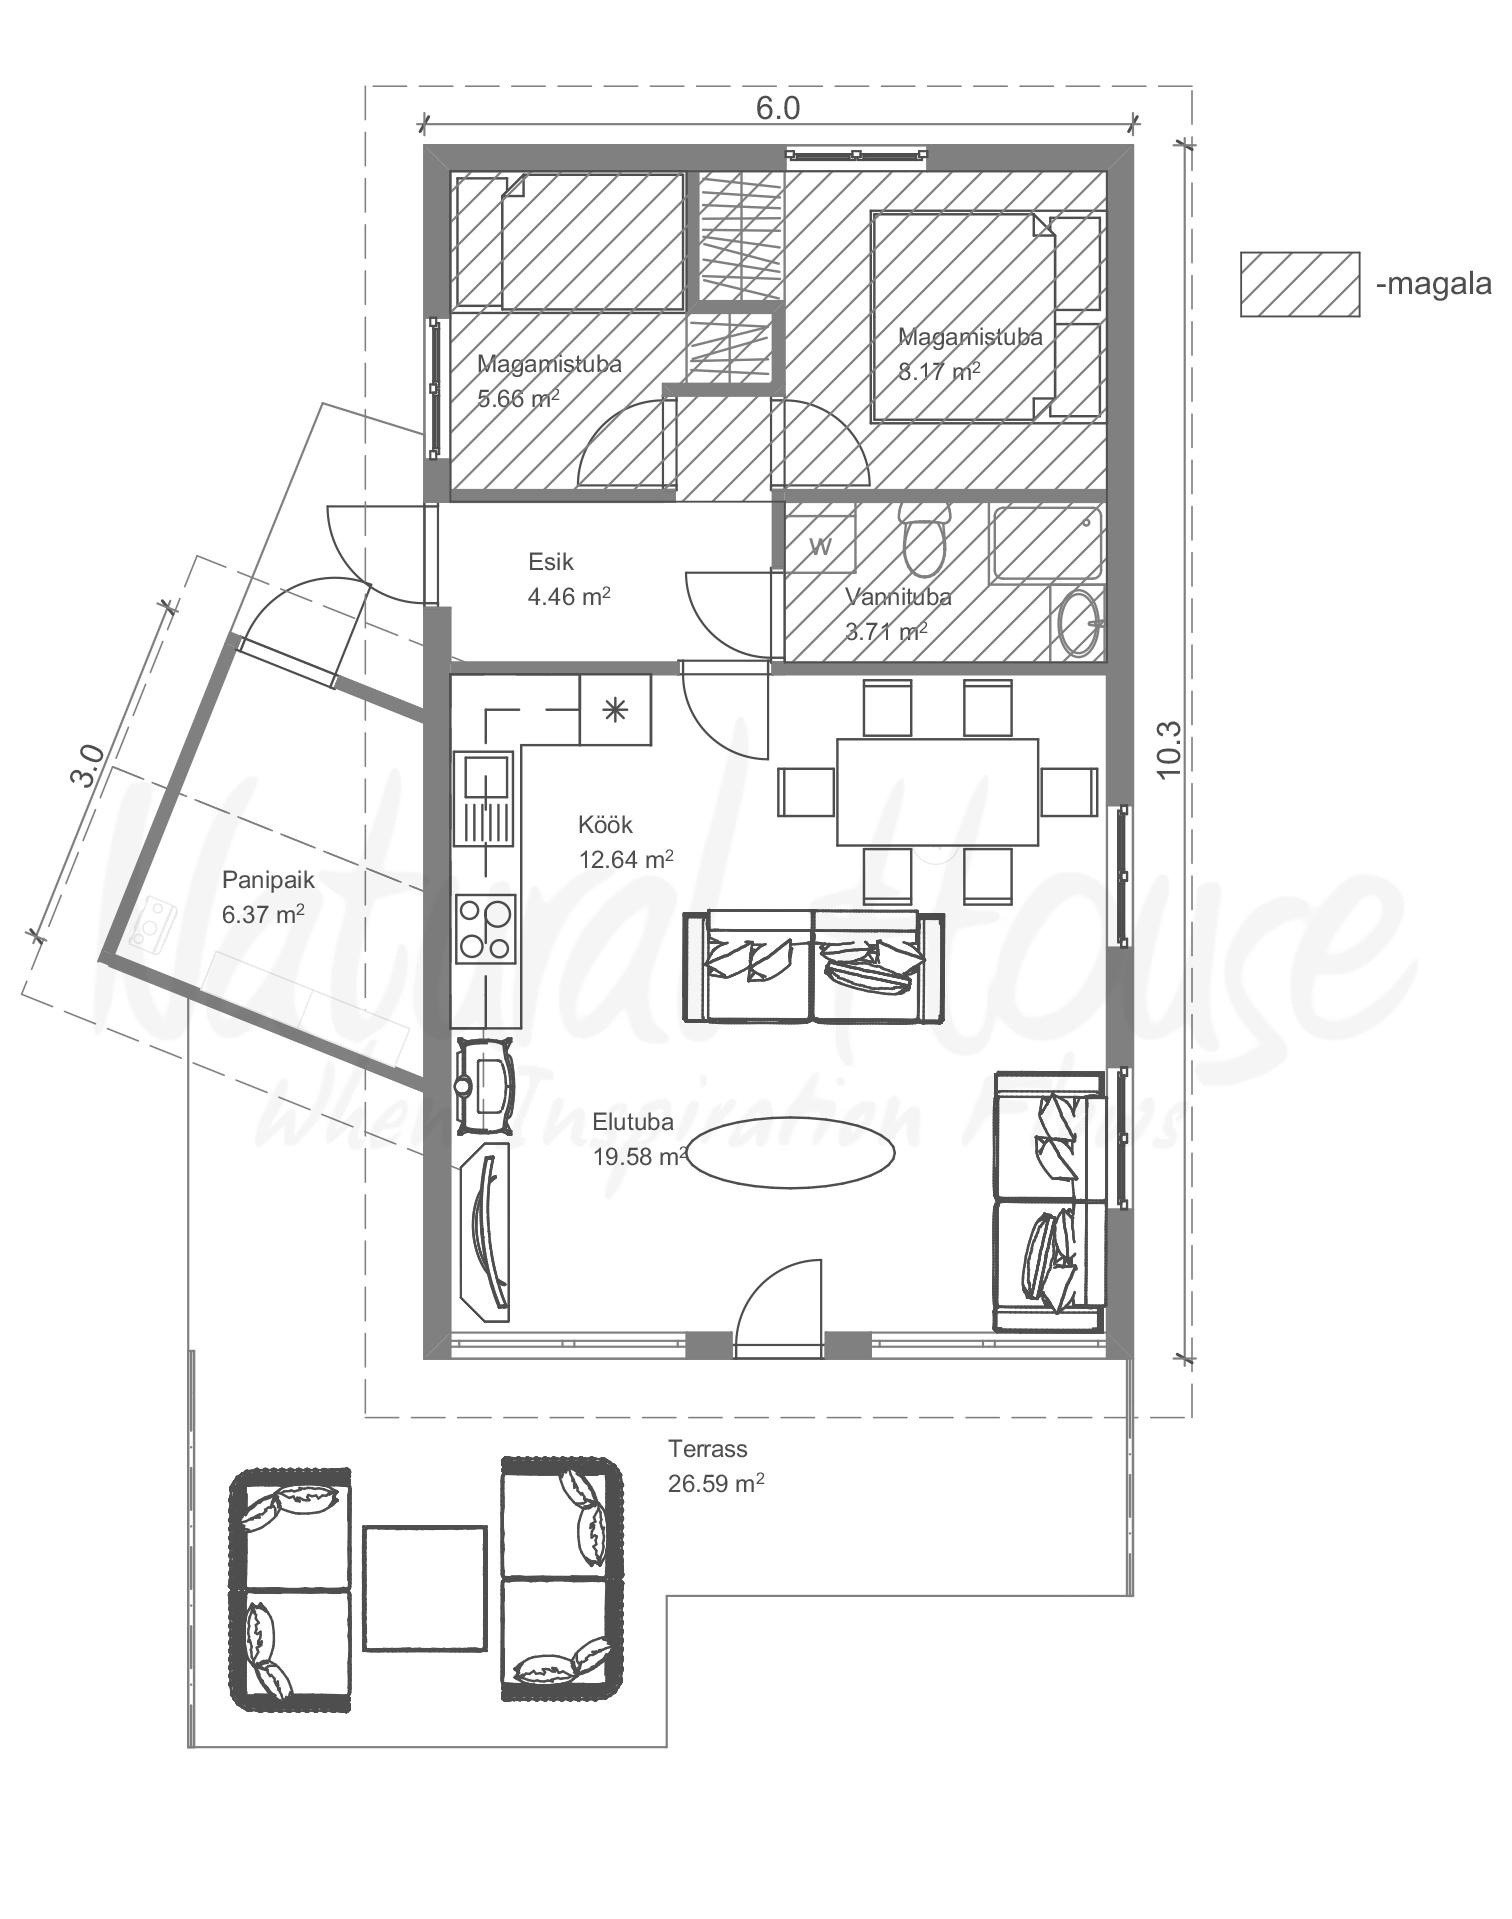 puhas - loodus - moderne - passivmaja - suvila - naturalhouse